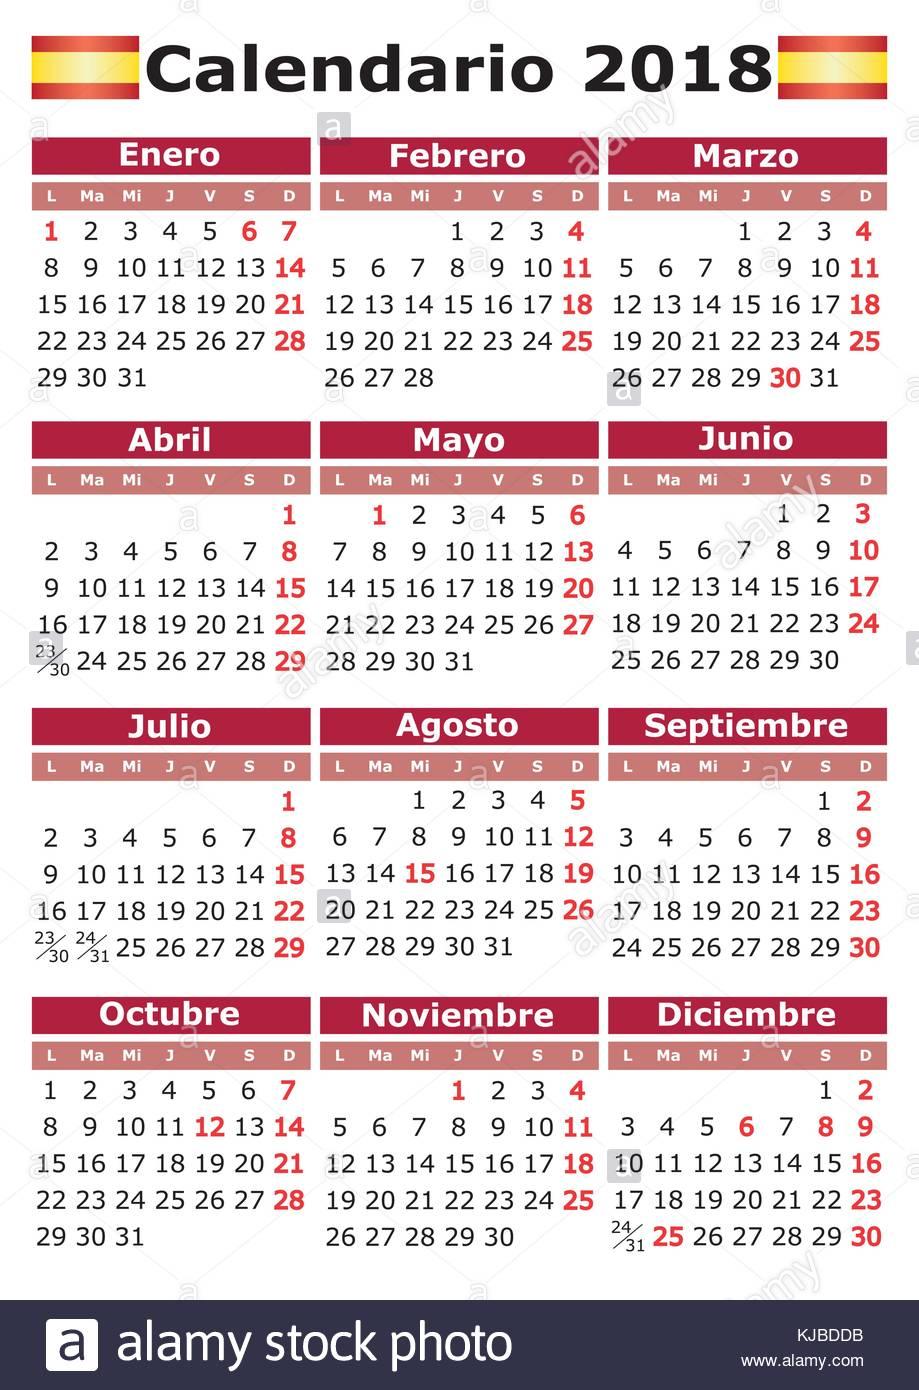 Calendario Con Giorni Festivi.Calendario 2018 Verticale Calendario Spagnolo Con Giorni